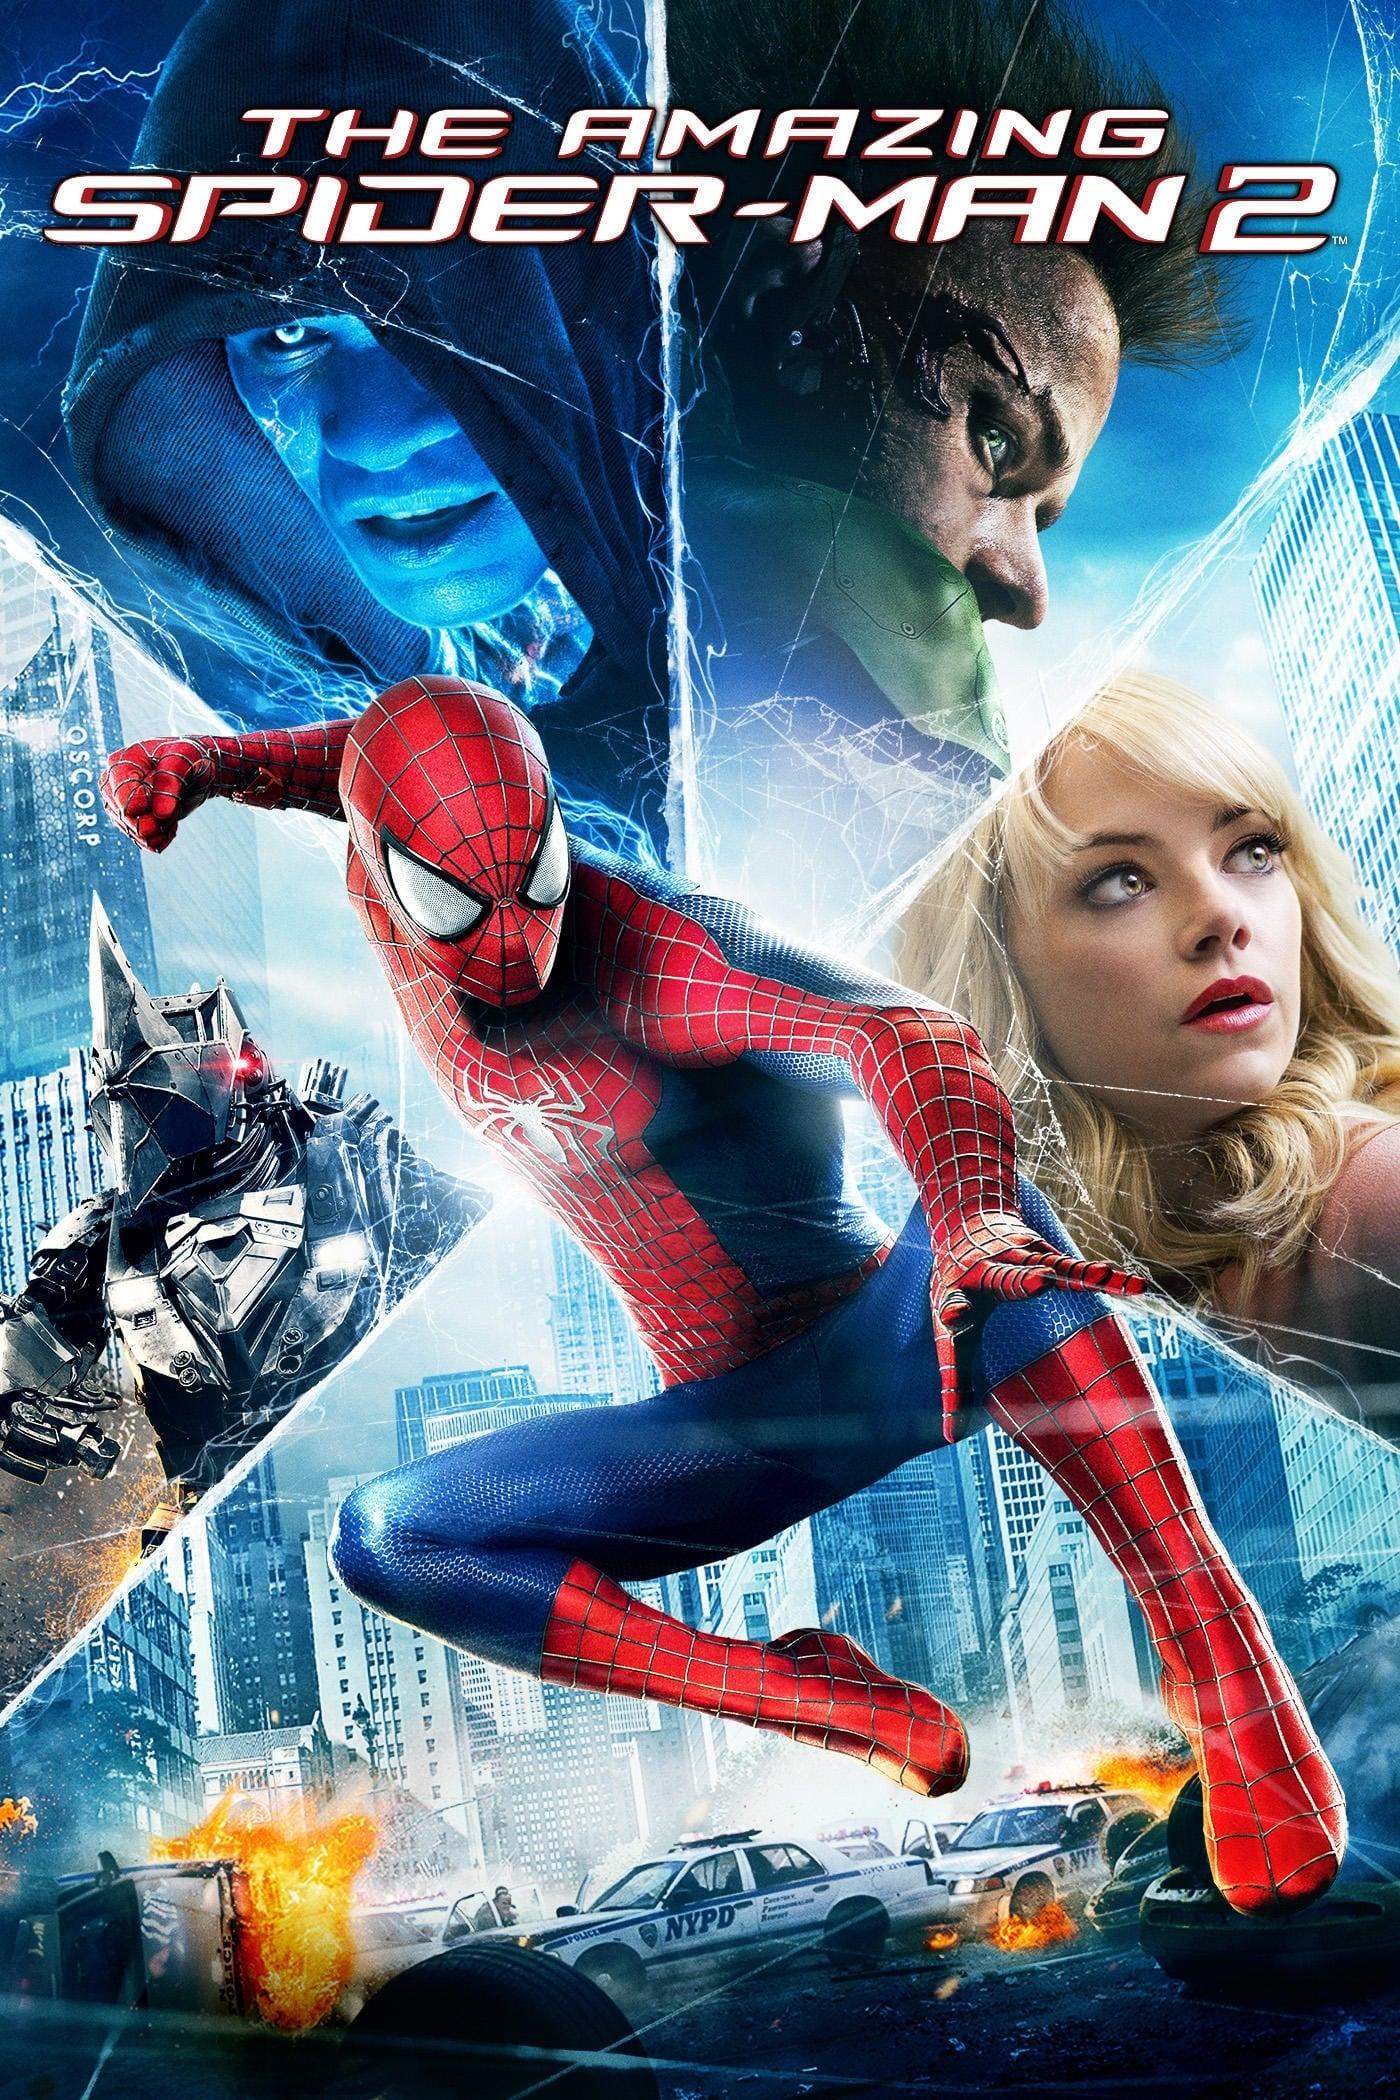 წარმოუდგენელი ადამიანი-ობობა 2 / The Amazing Spider-Man 2